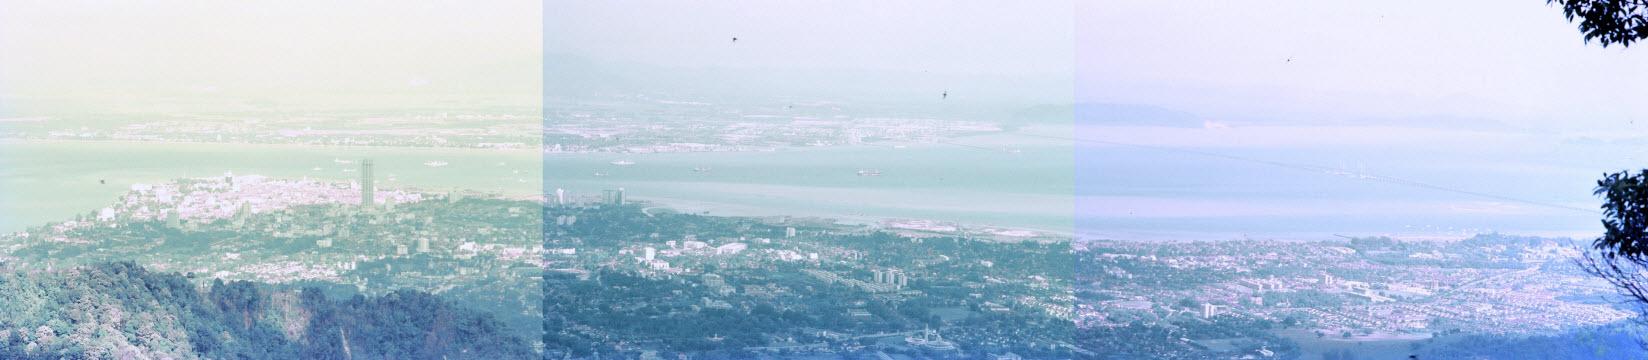 馬來西亞檳城島升旗山 (檳城山) 眺望